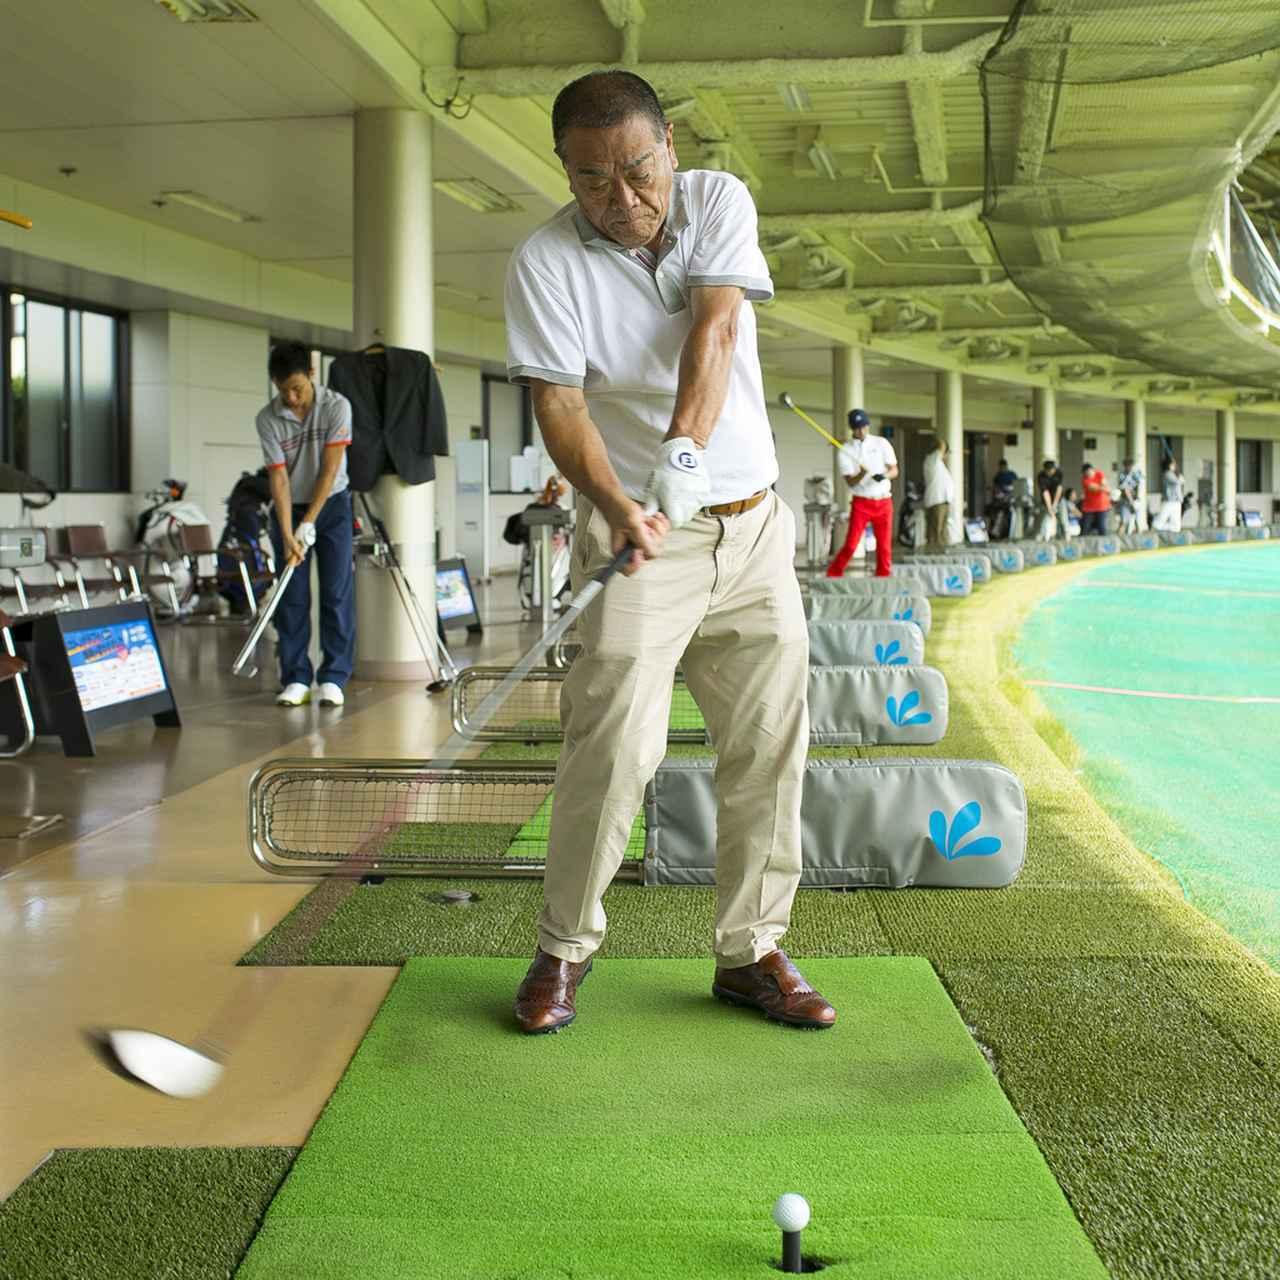 画像3: ベテランゴルファーだけあって、スウィングはまとまっているように見えるが…当たってもスライスするから、思い切って振れないという平瀬さん